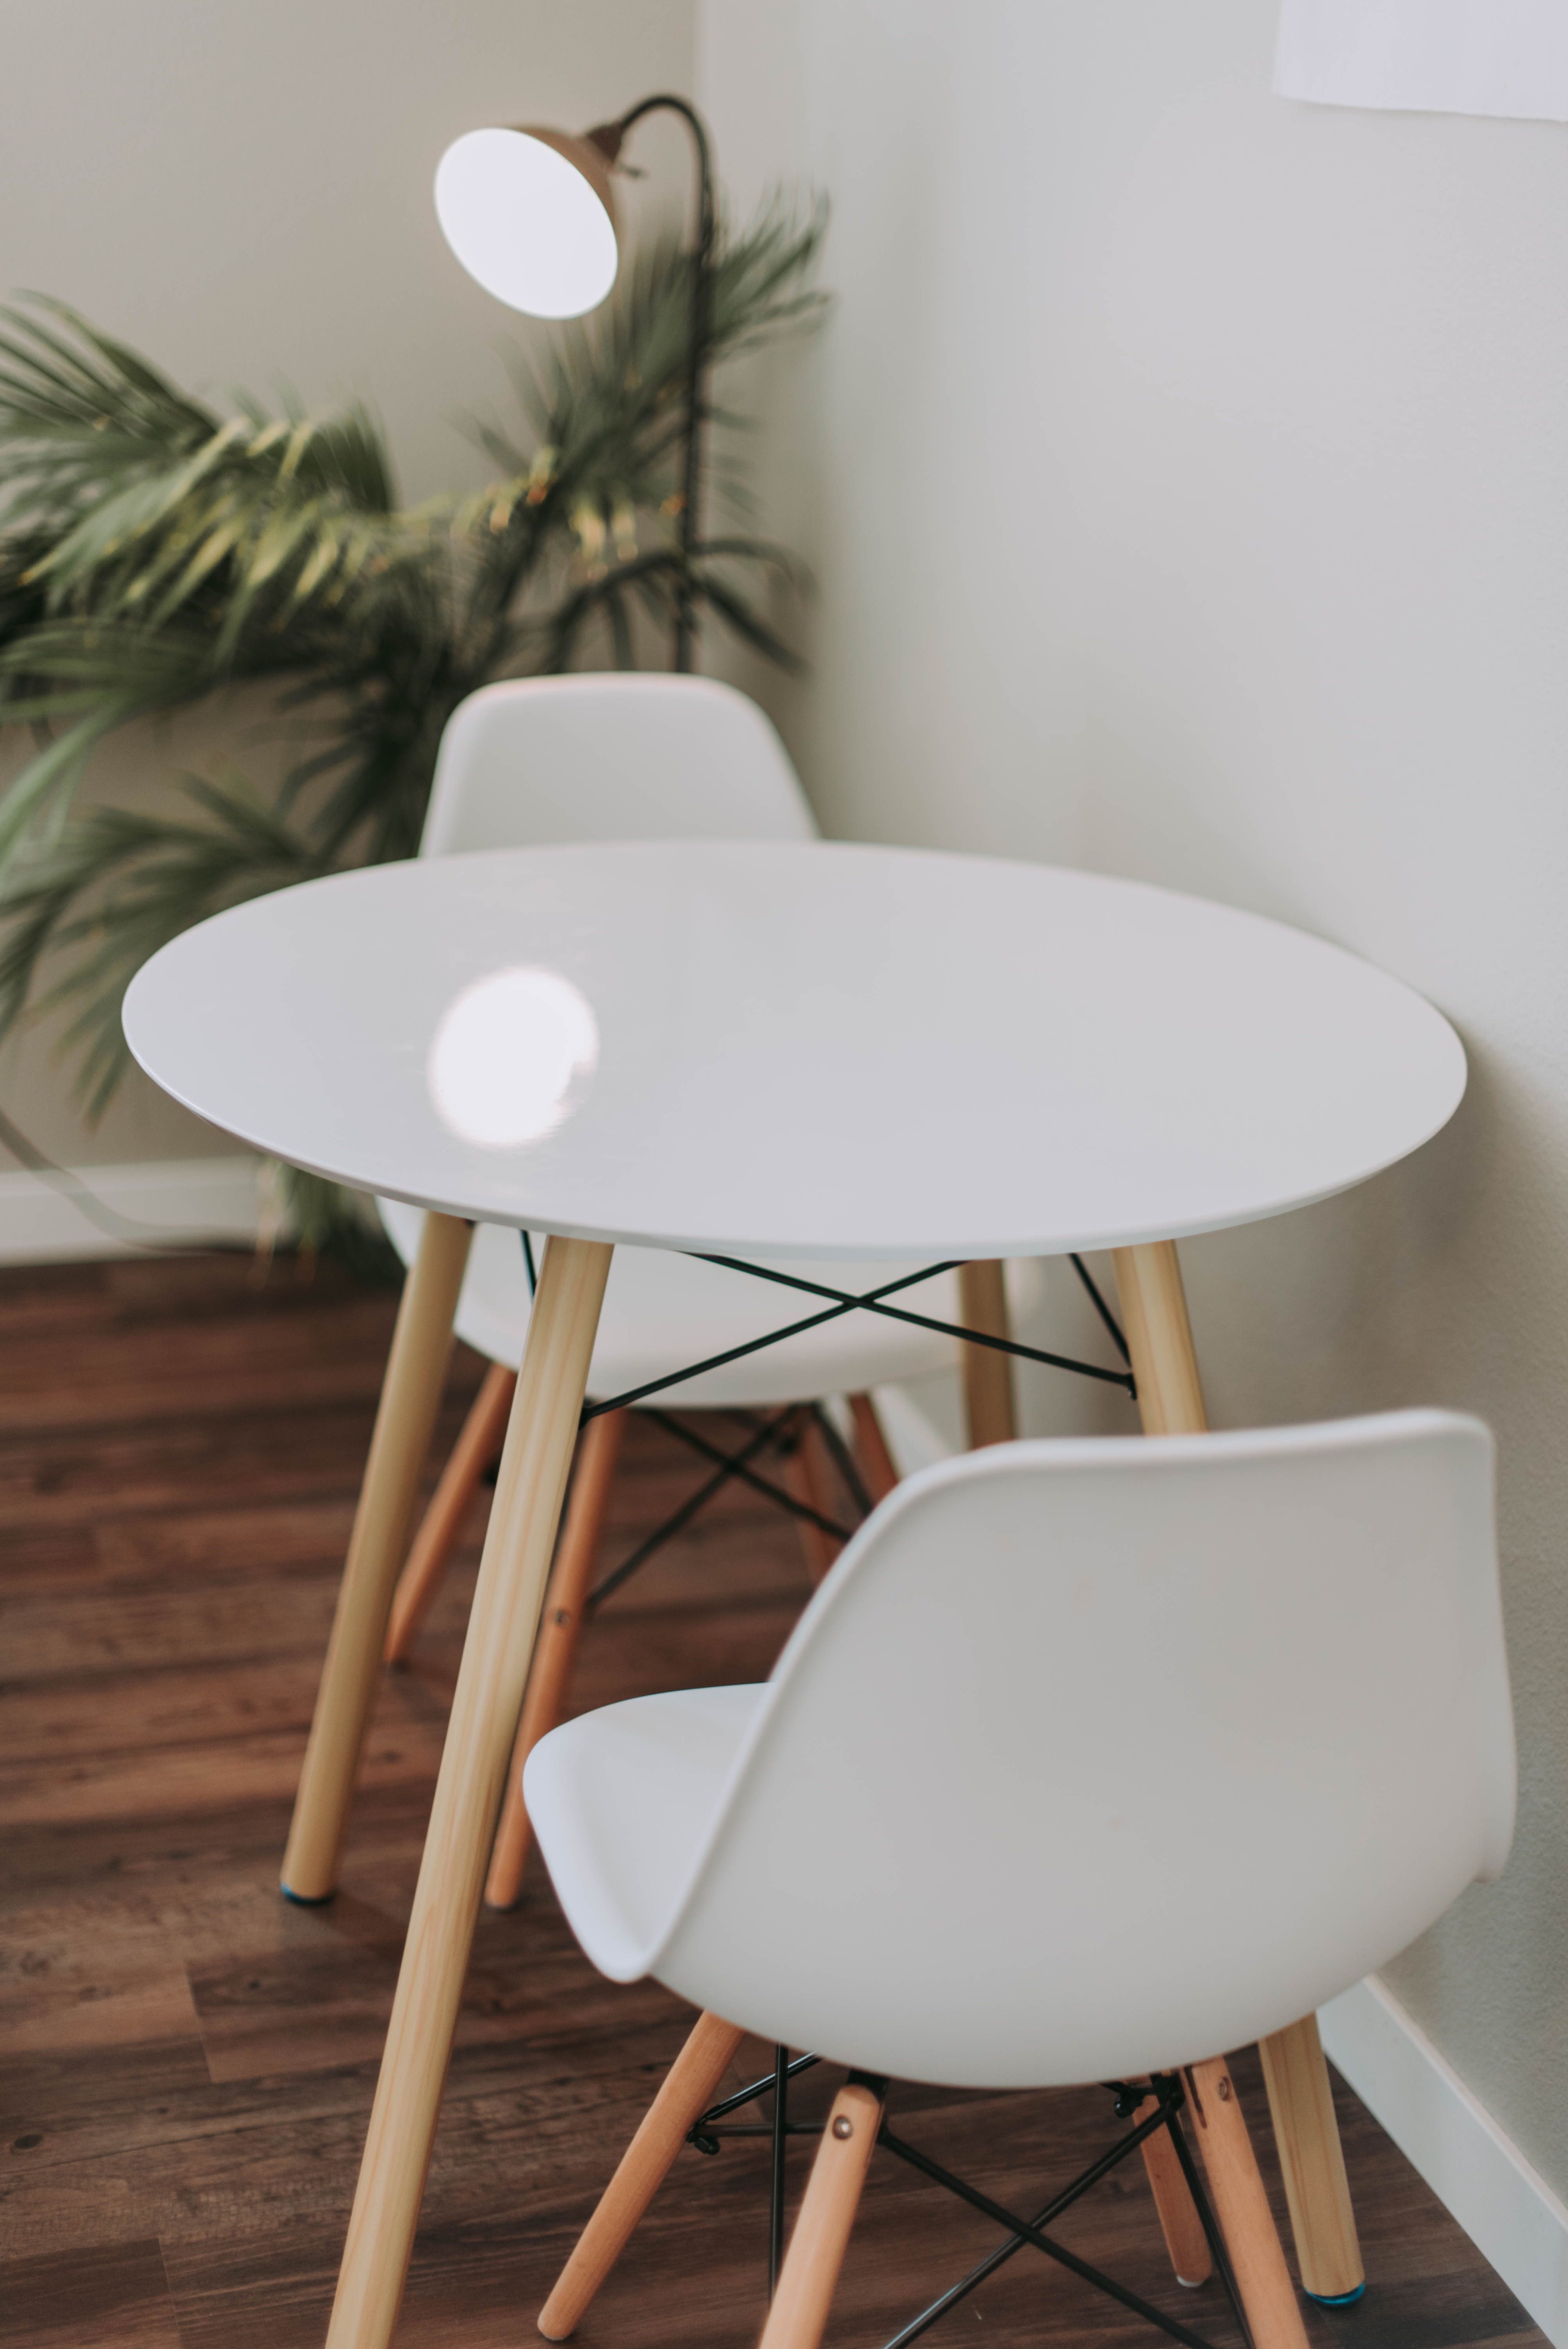 round white wooden 3-piece bistro set beside floor lamp